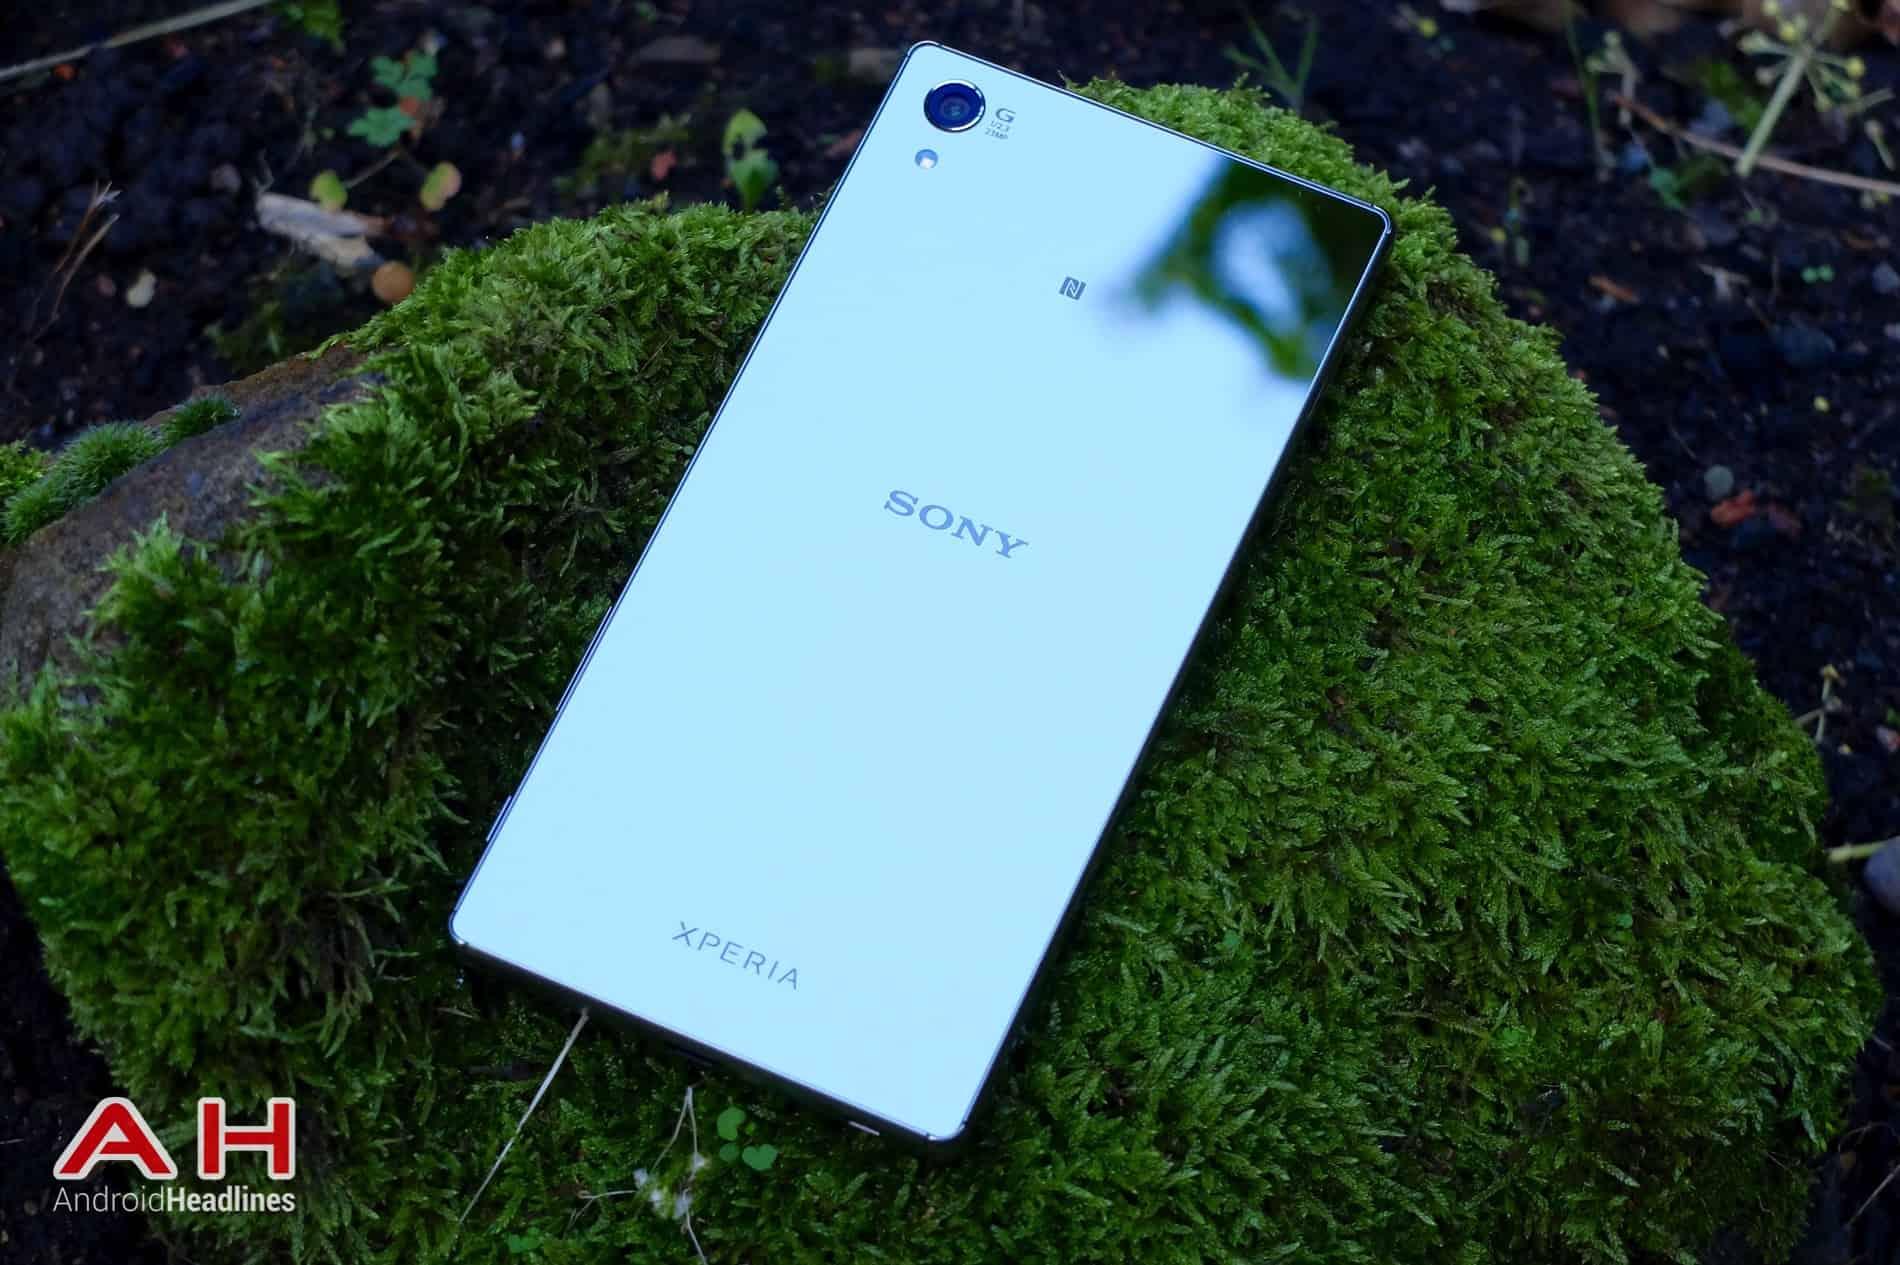 Sony Xperia Z5 Premium AH 05